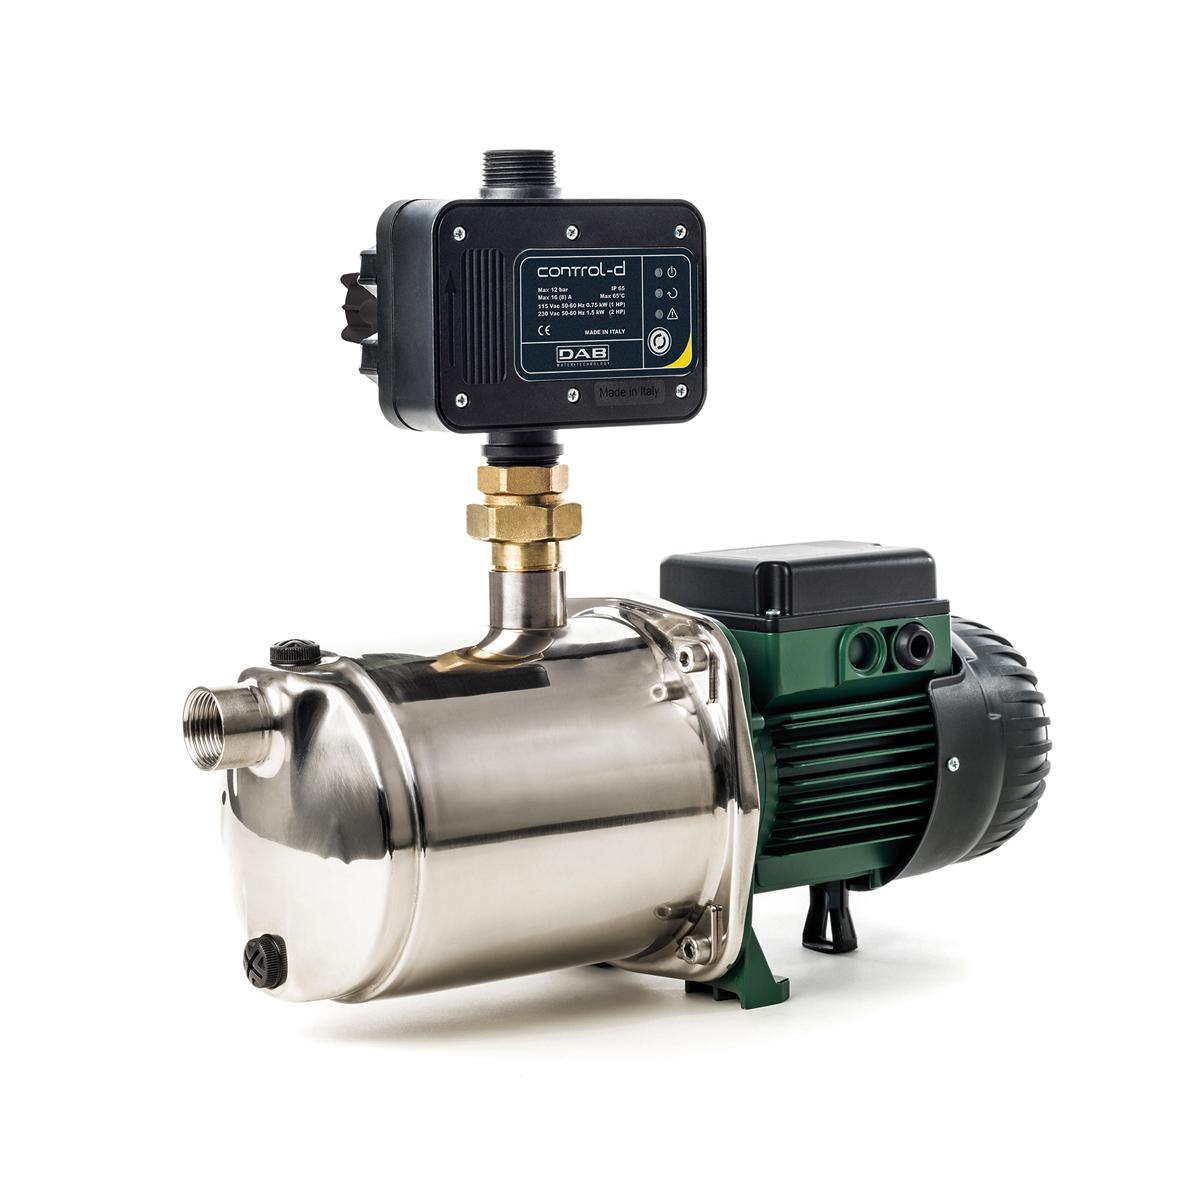 DAB EuroInox 30/50 M + DAB Control-D